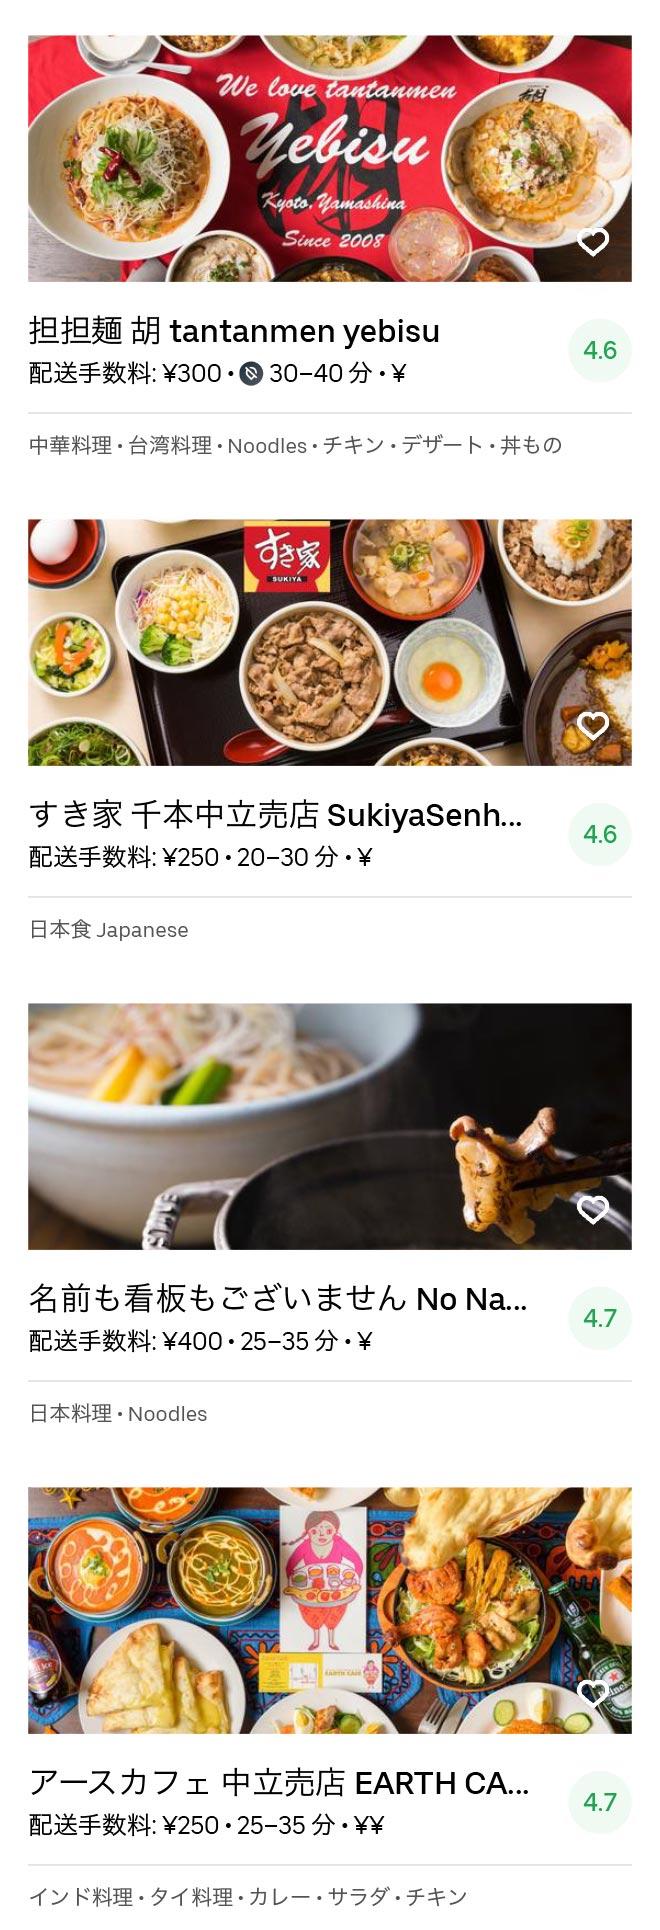 Kyoto kitaoji menu 2005 08